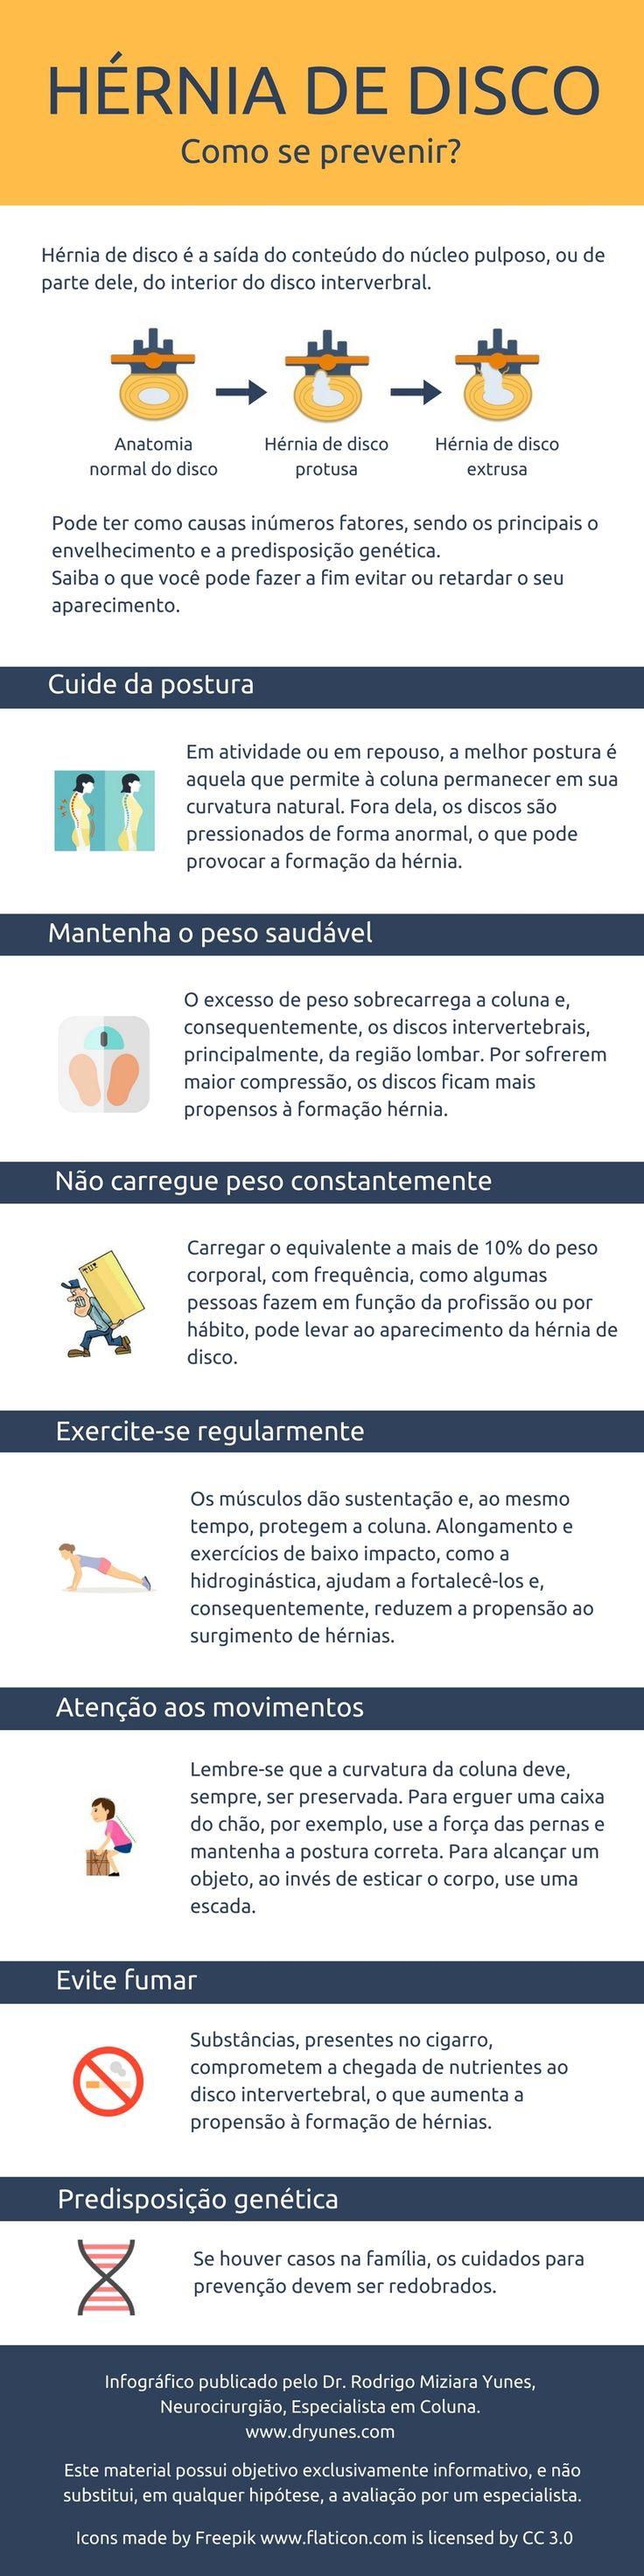 [Infográfico] Hérnia de disco: como se prevenir? - Dr. Rodrigo Yunes. Acesse http://www.dryunes.com/hernia-de-disco-como-se-prevenir/.